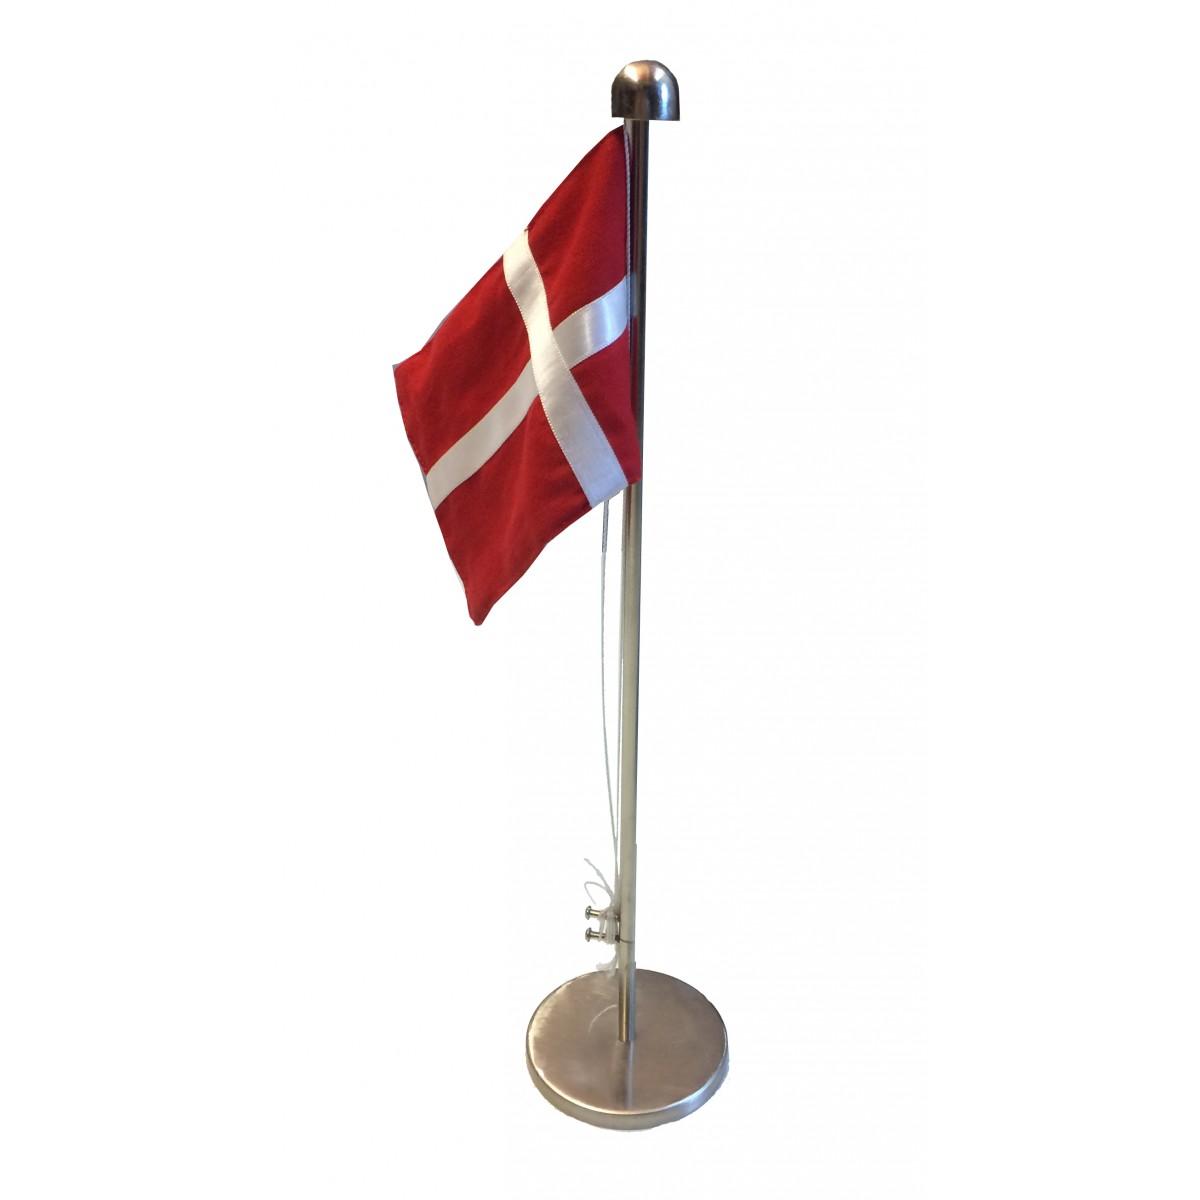 DACORE Bordflag på fod 40 cm